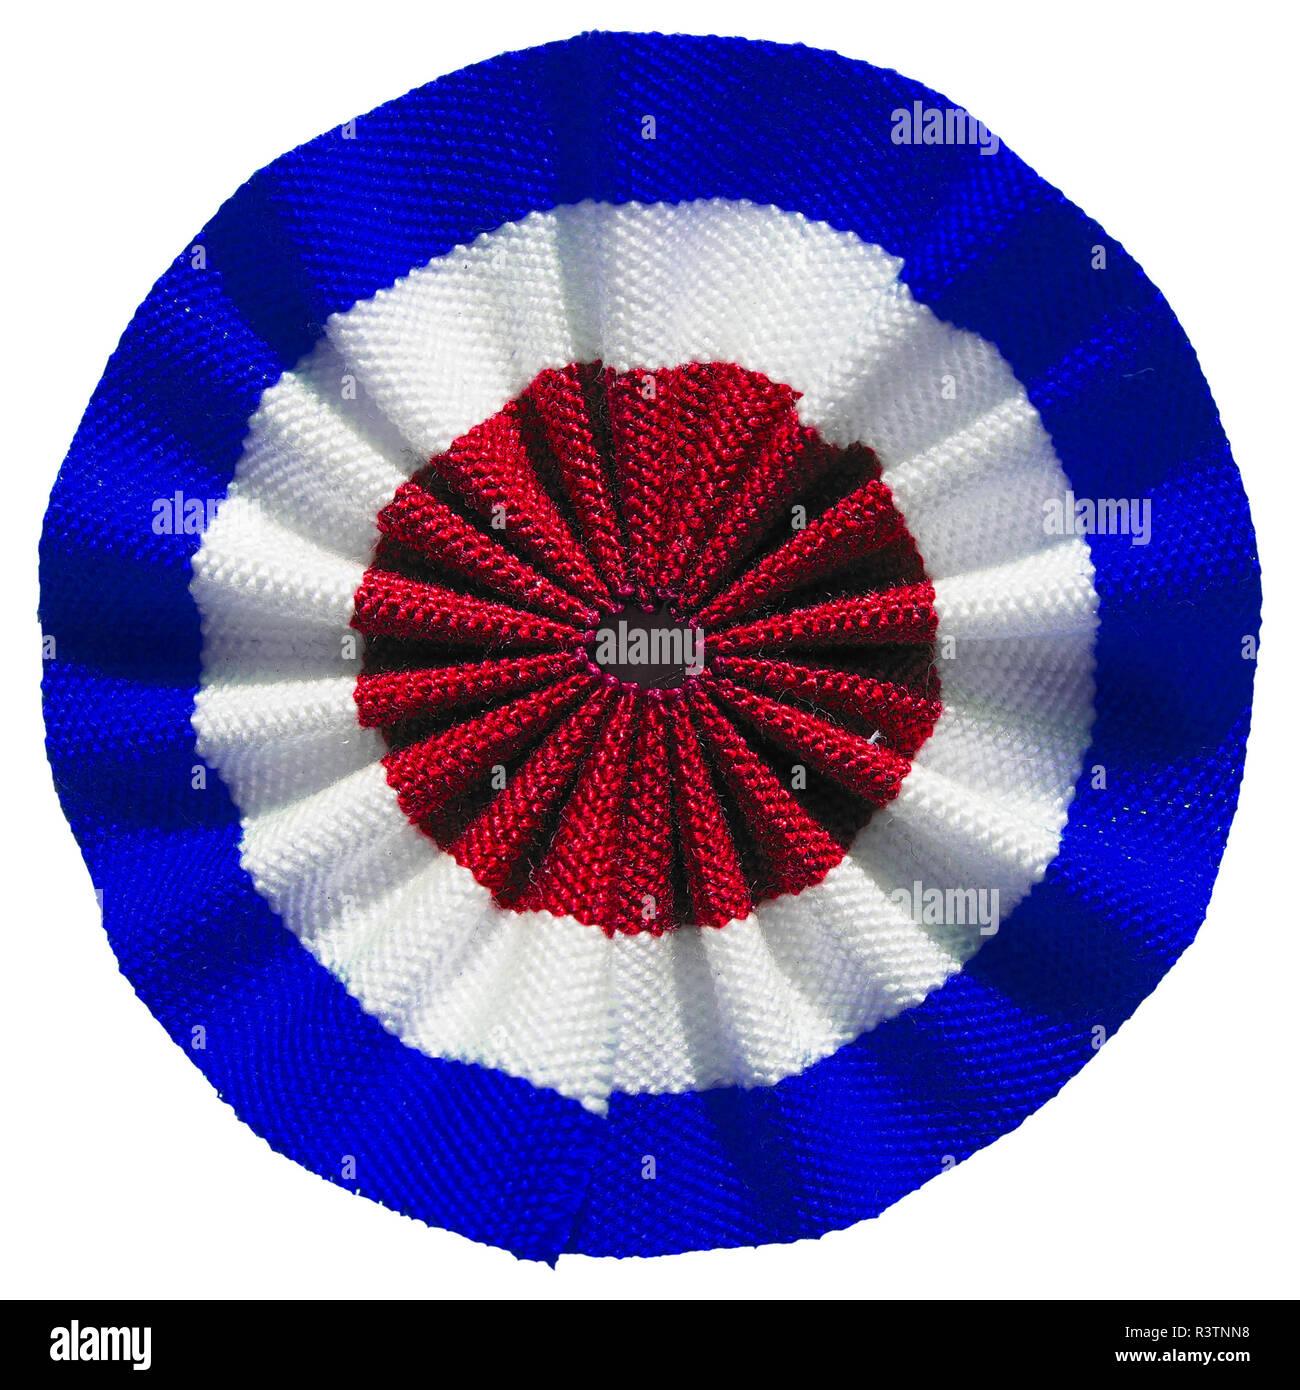 Roundel of UK - Stock Image